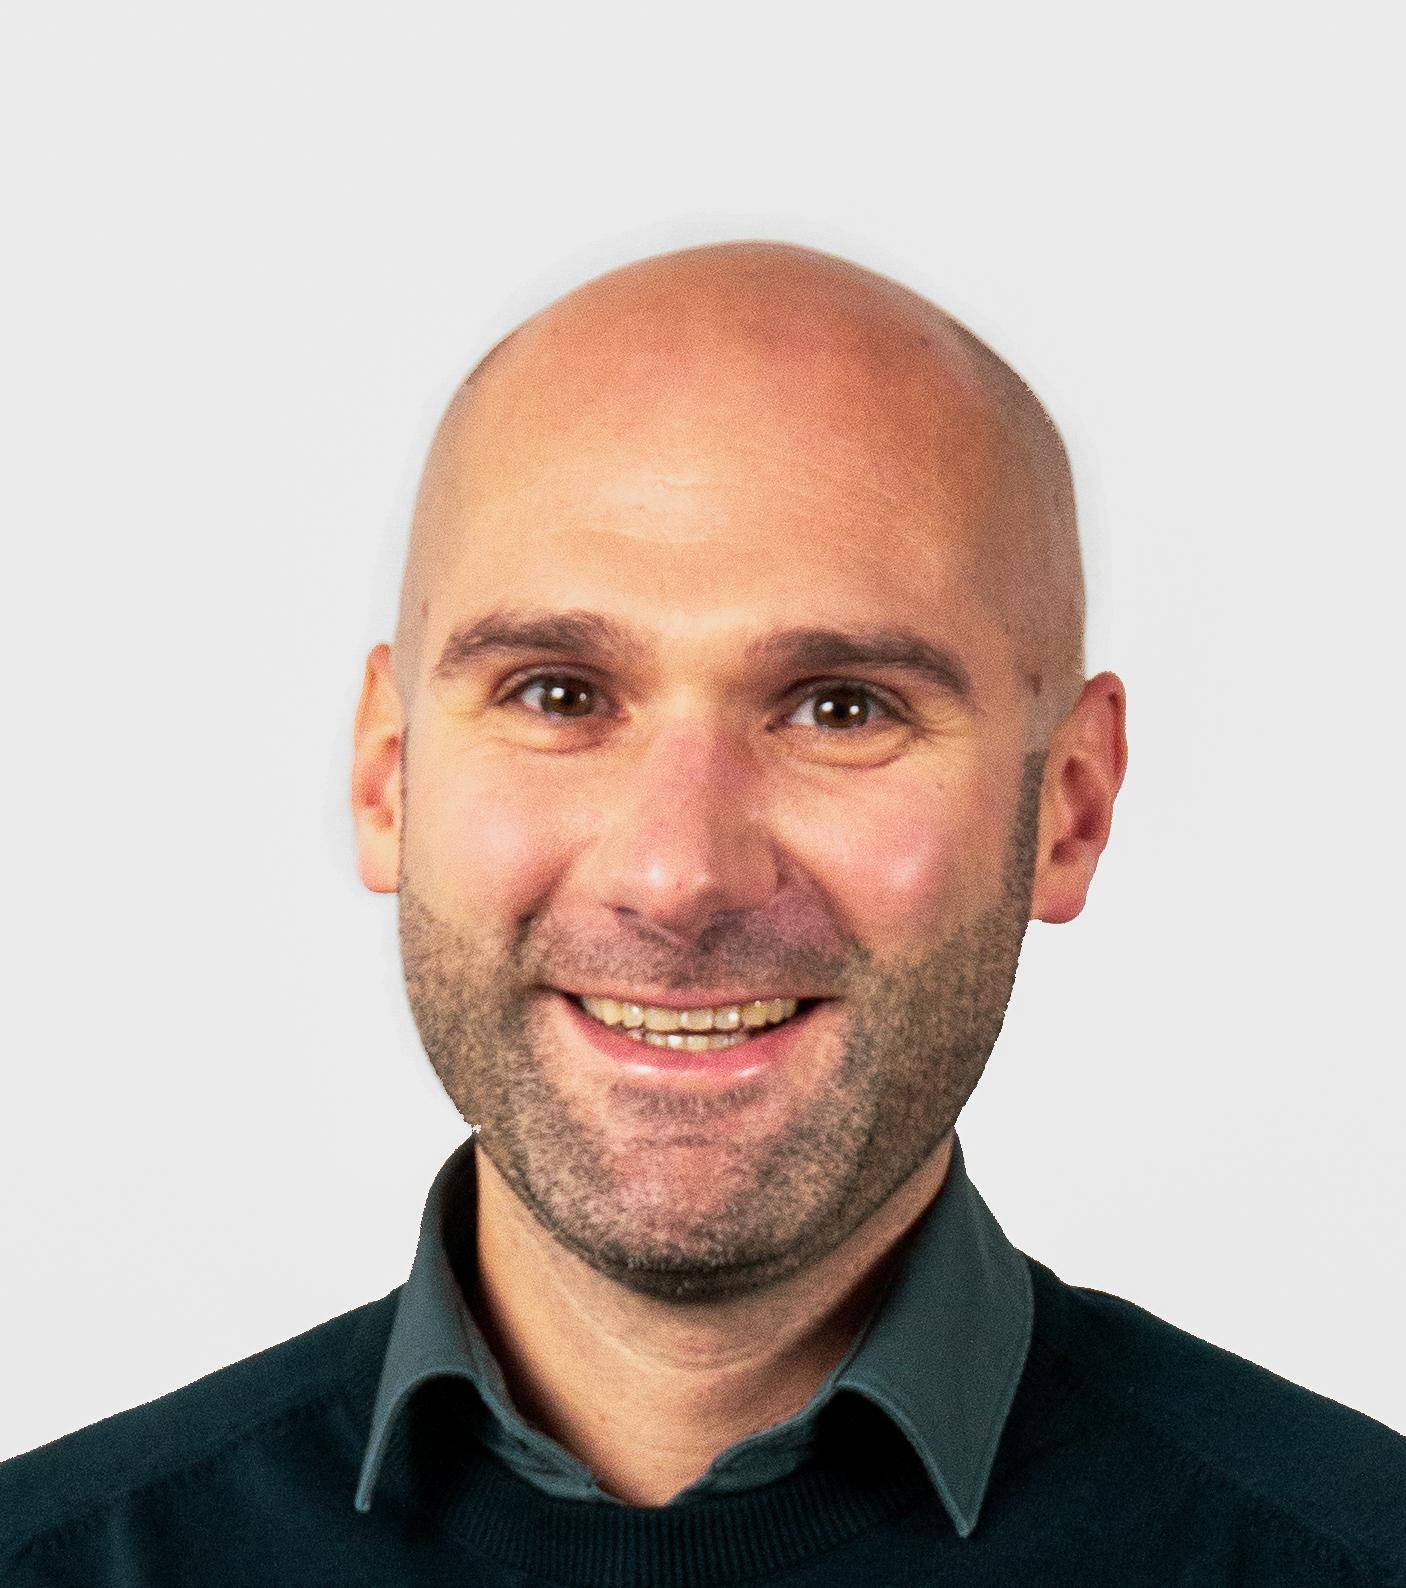 Christophe Soens